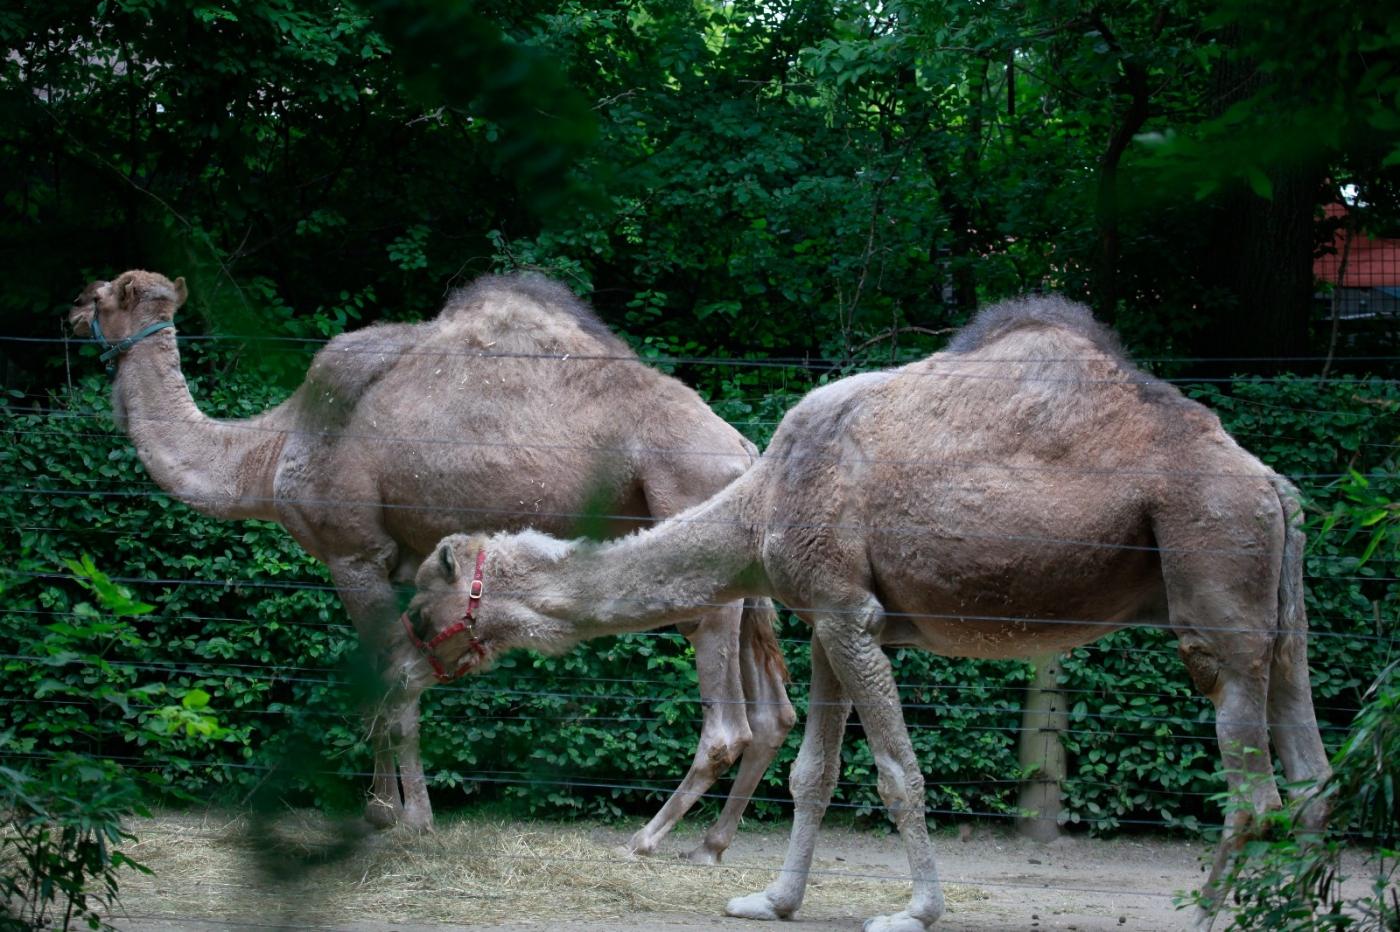 动物园花絮(摄于布朗士动物园,皇后区动物园)_图1-3